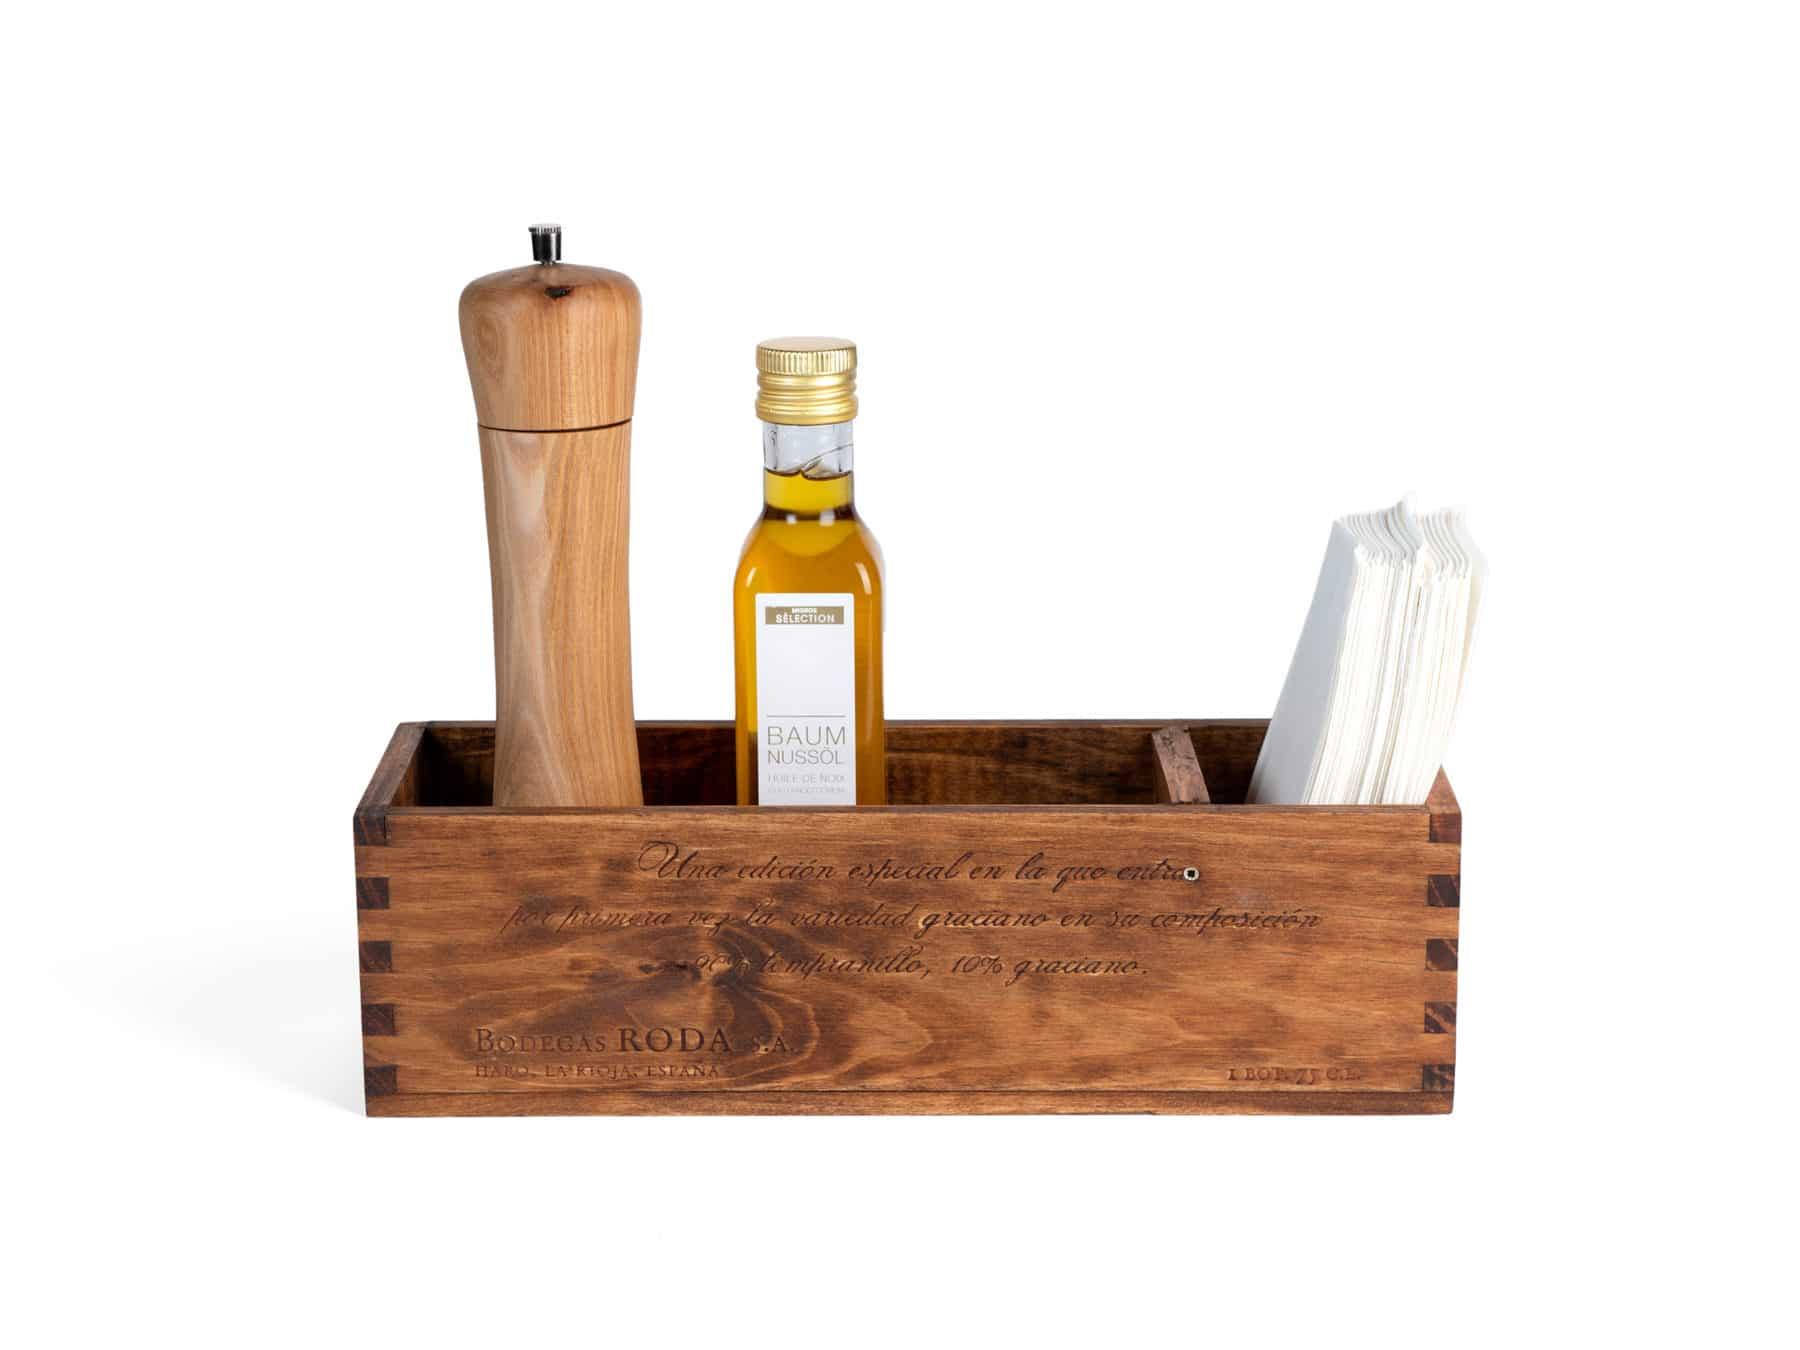 Tischaccessoire aus alter Weinkiste von Uniqamo in Gebrauch | swissmade | handmade KURTS.ch (1)